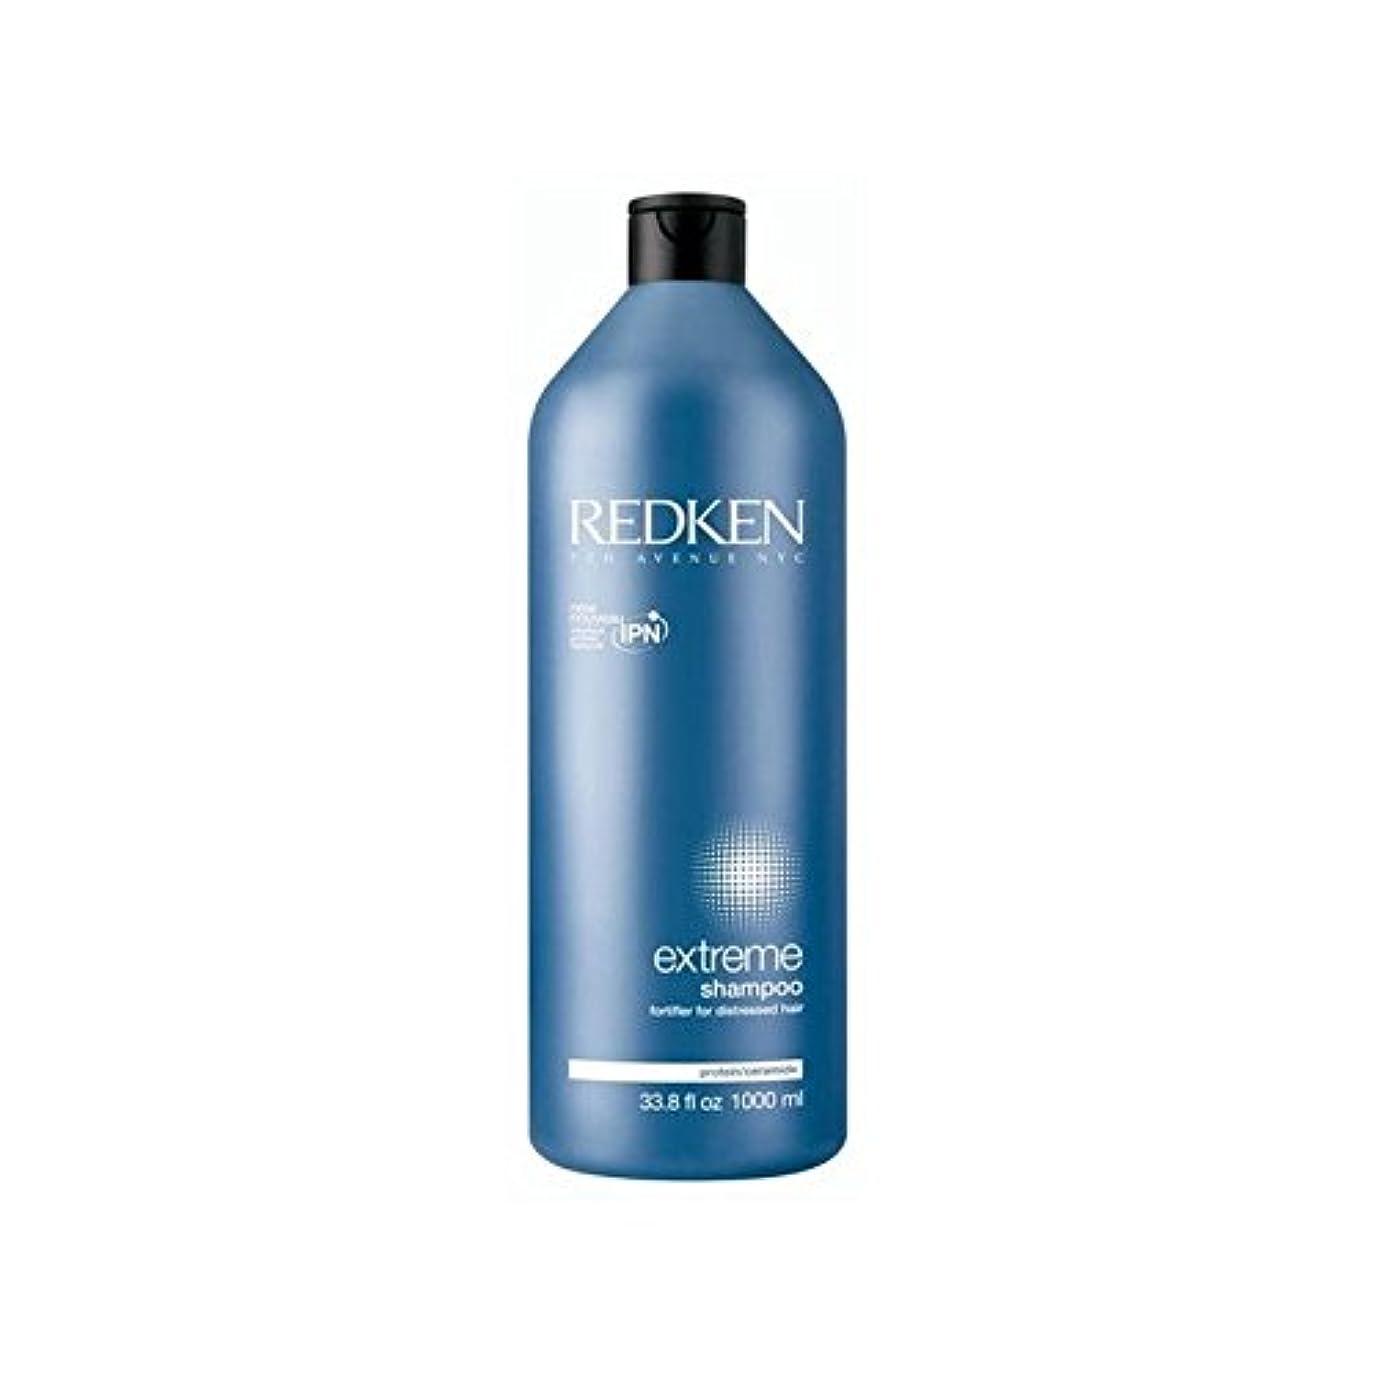 みすぼらしいカメラ補足レッドケン極端なシャンプー千ミリリットル x2 - Redken Extreme Shampoo 1000ml (Pack of 2) [並行輸入品]